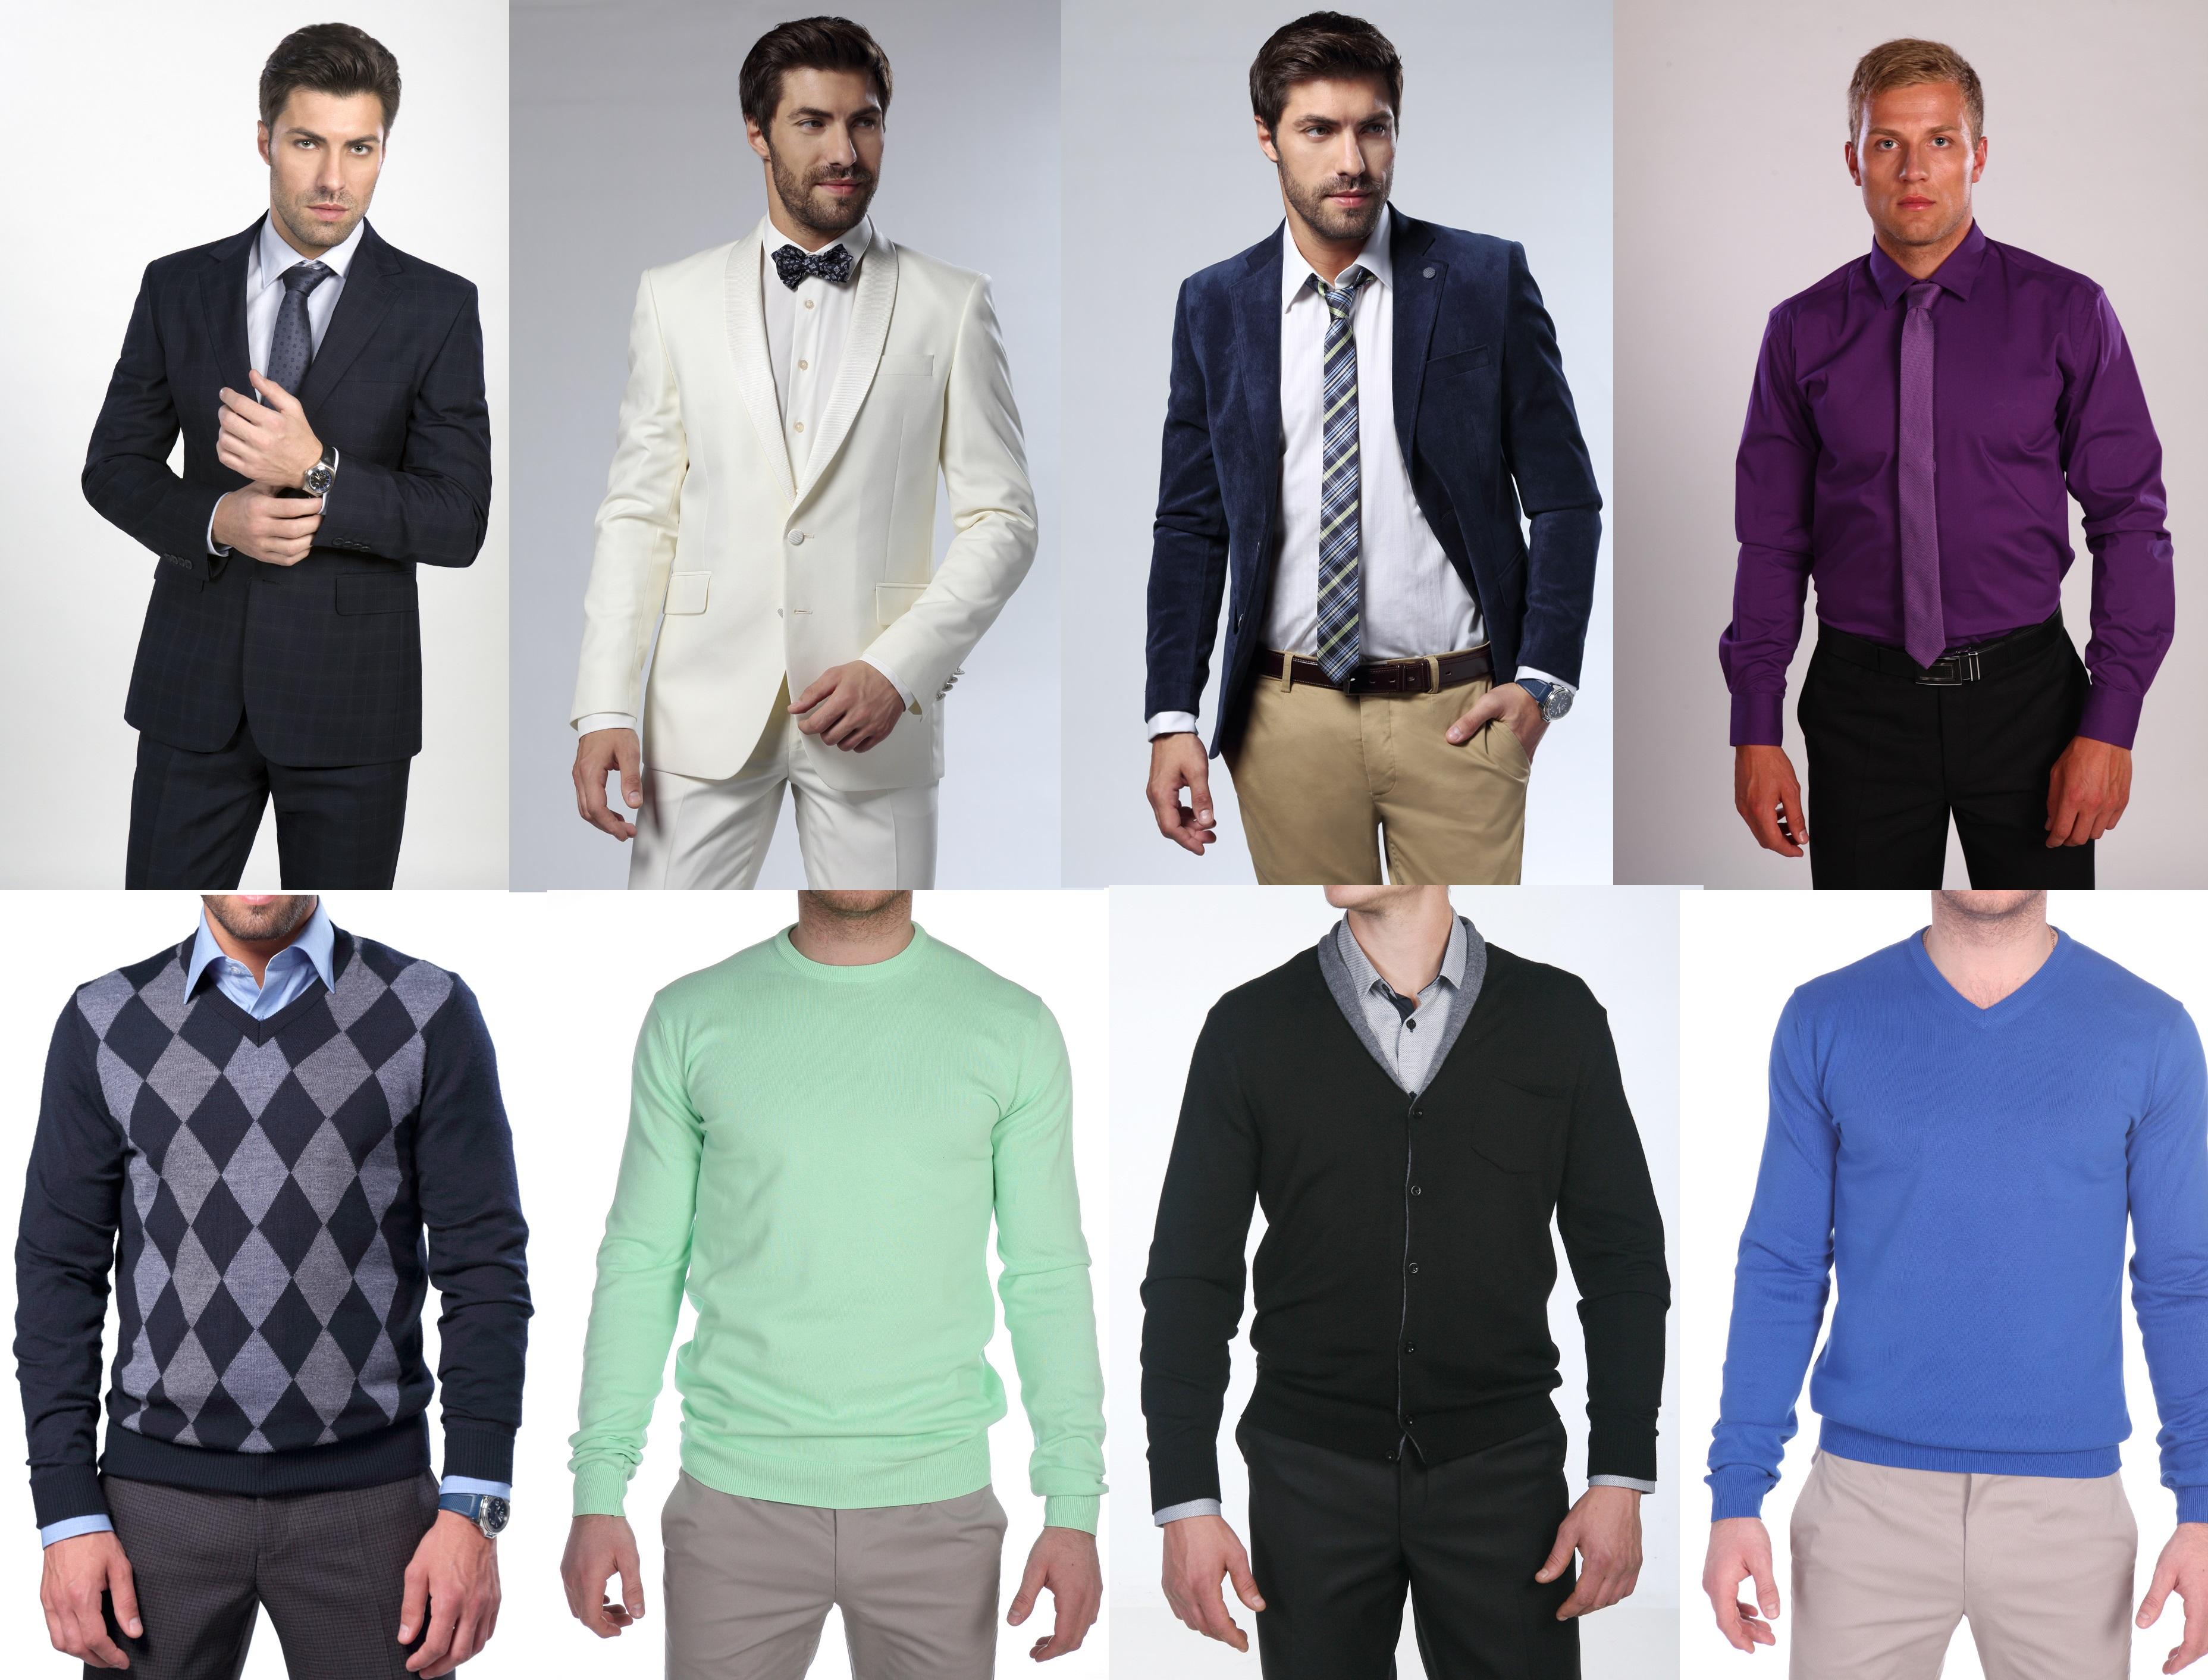 Готовимся к выпускным!!! Одежда для настоящих мужчин - 21. От 44 до 72 размера. Есть распродажа! Без рядов